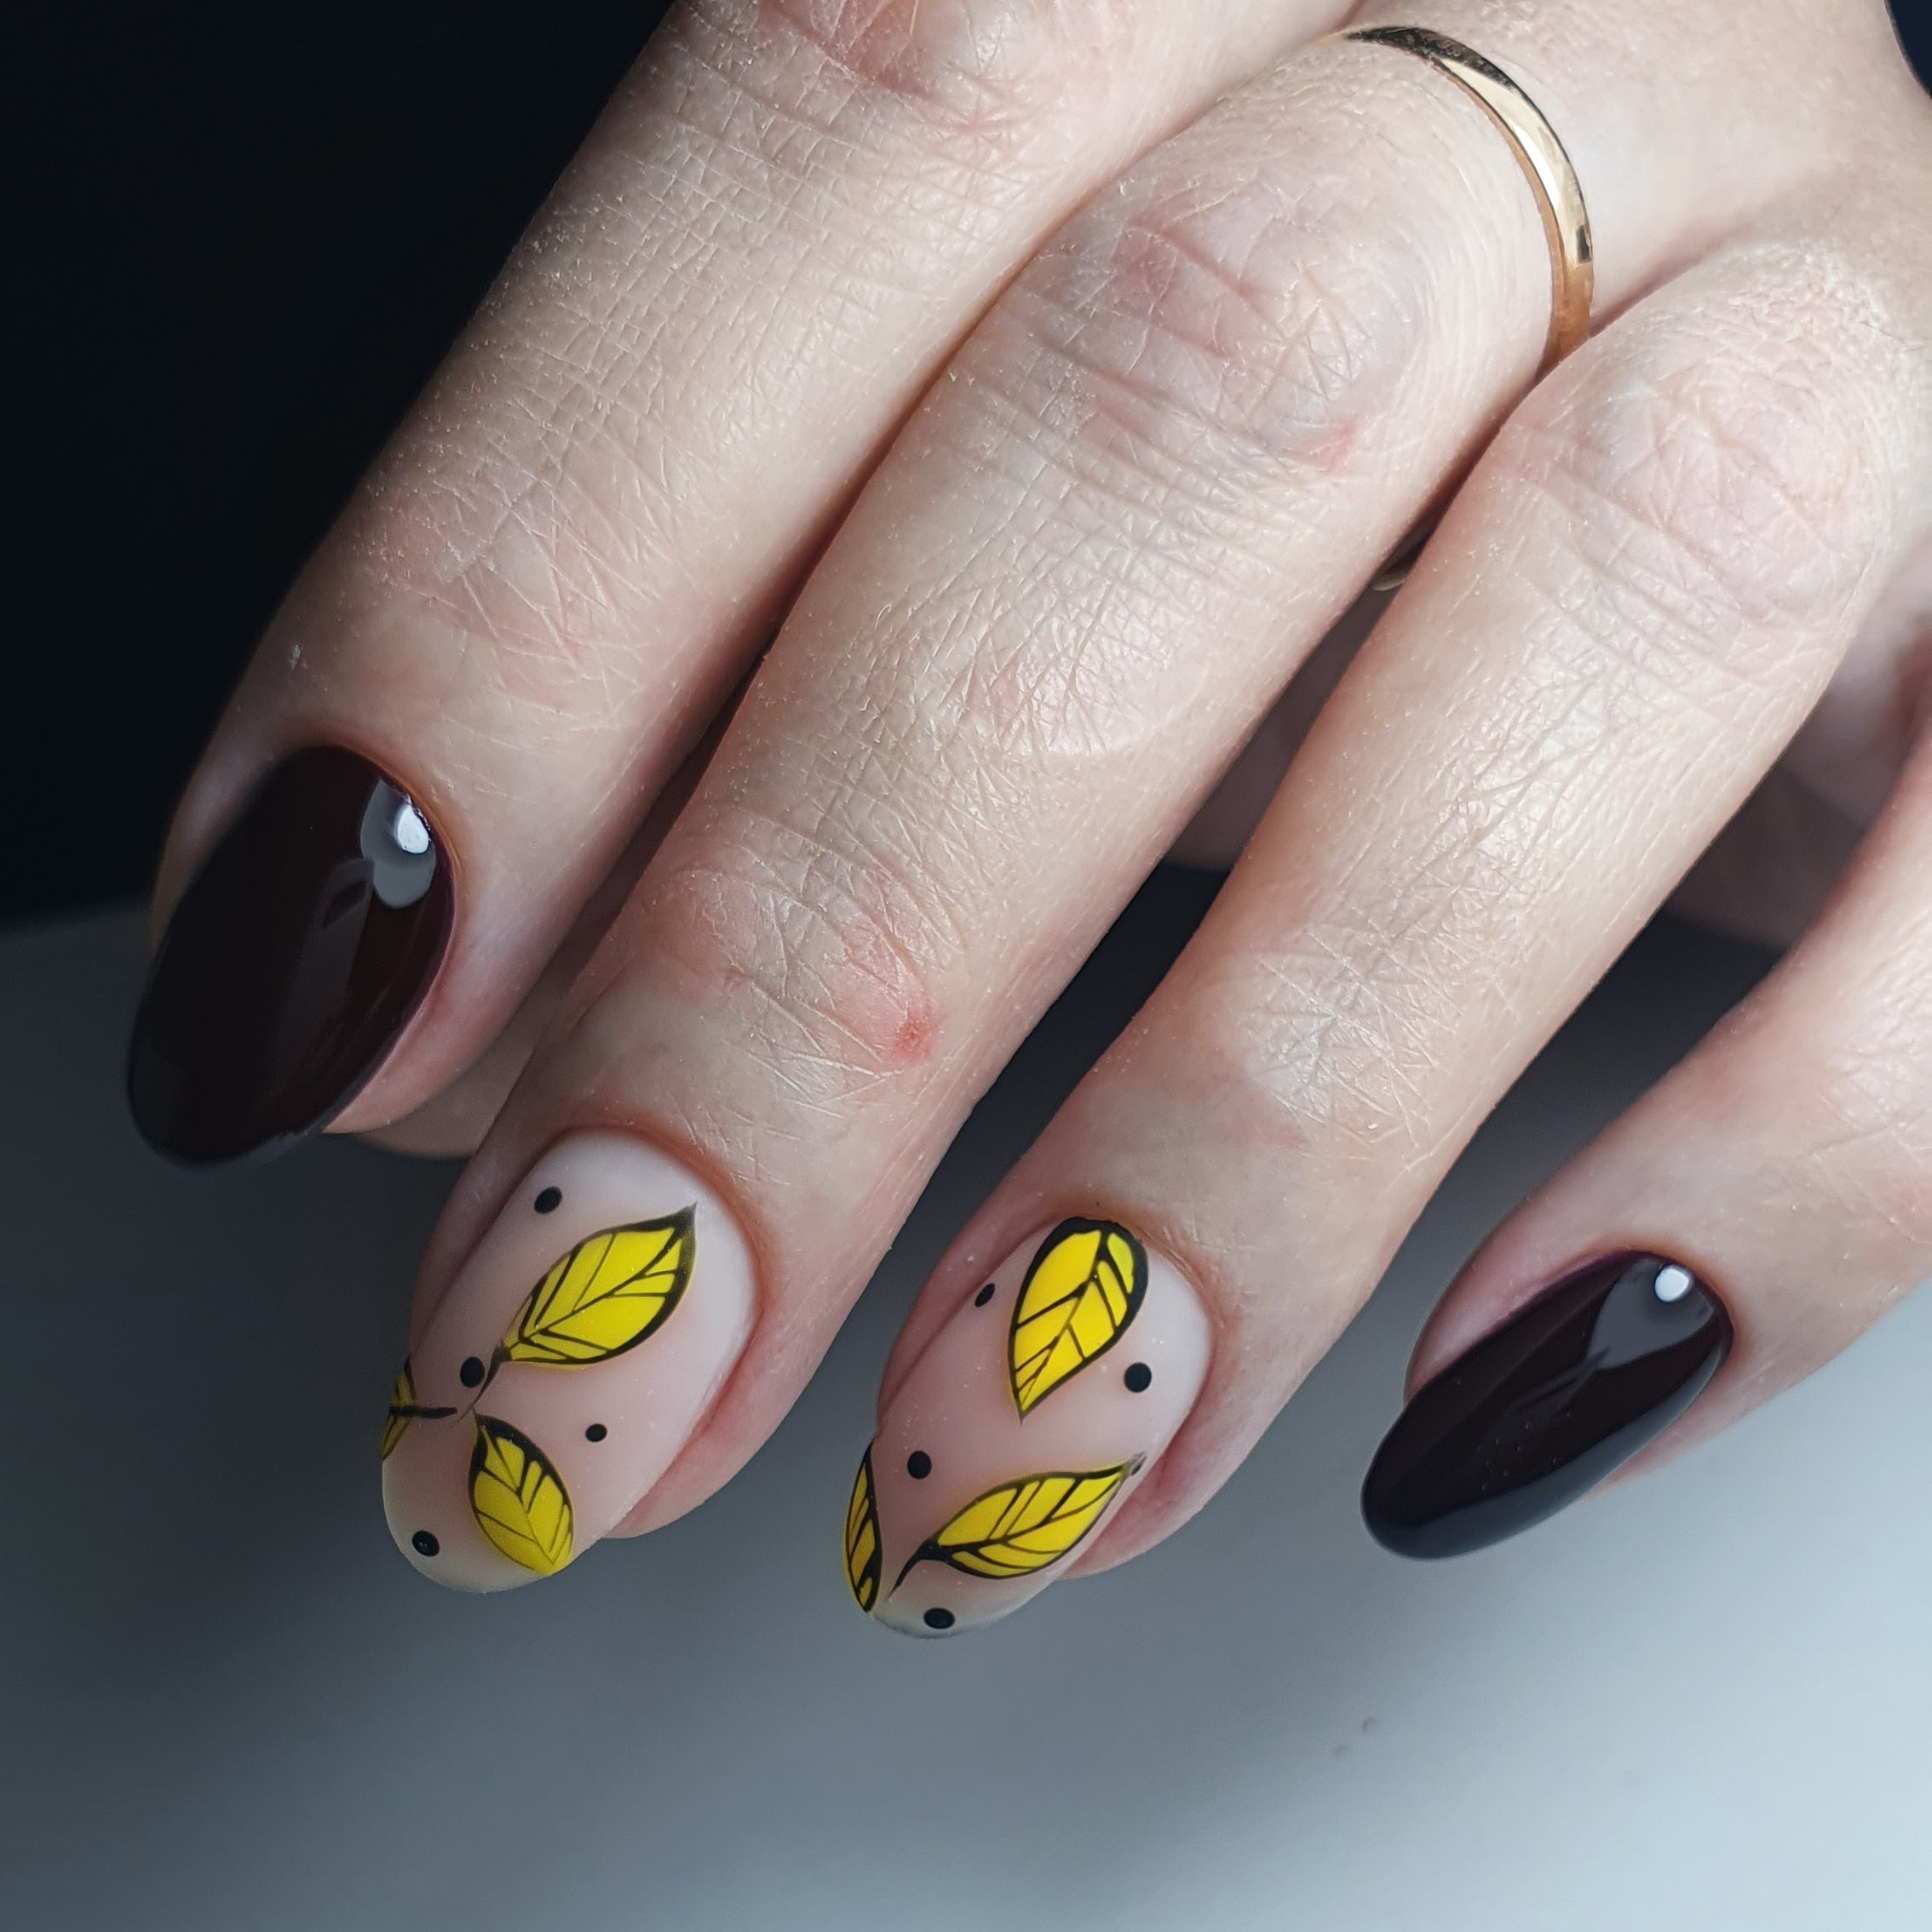 Осенний маникюр с листочками в шоколадном цвете на длинные ногти.